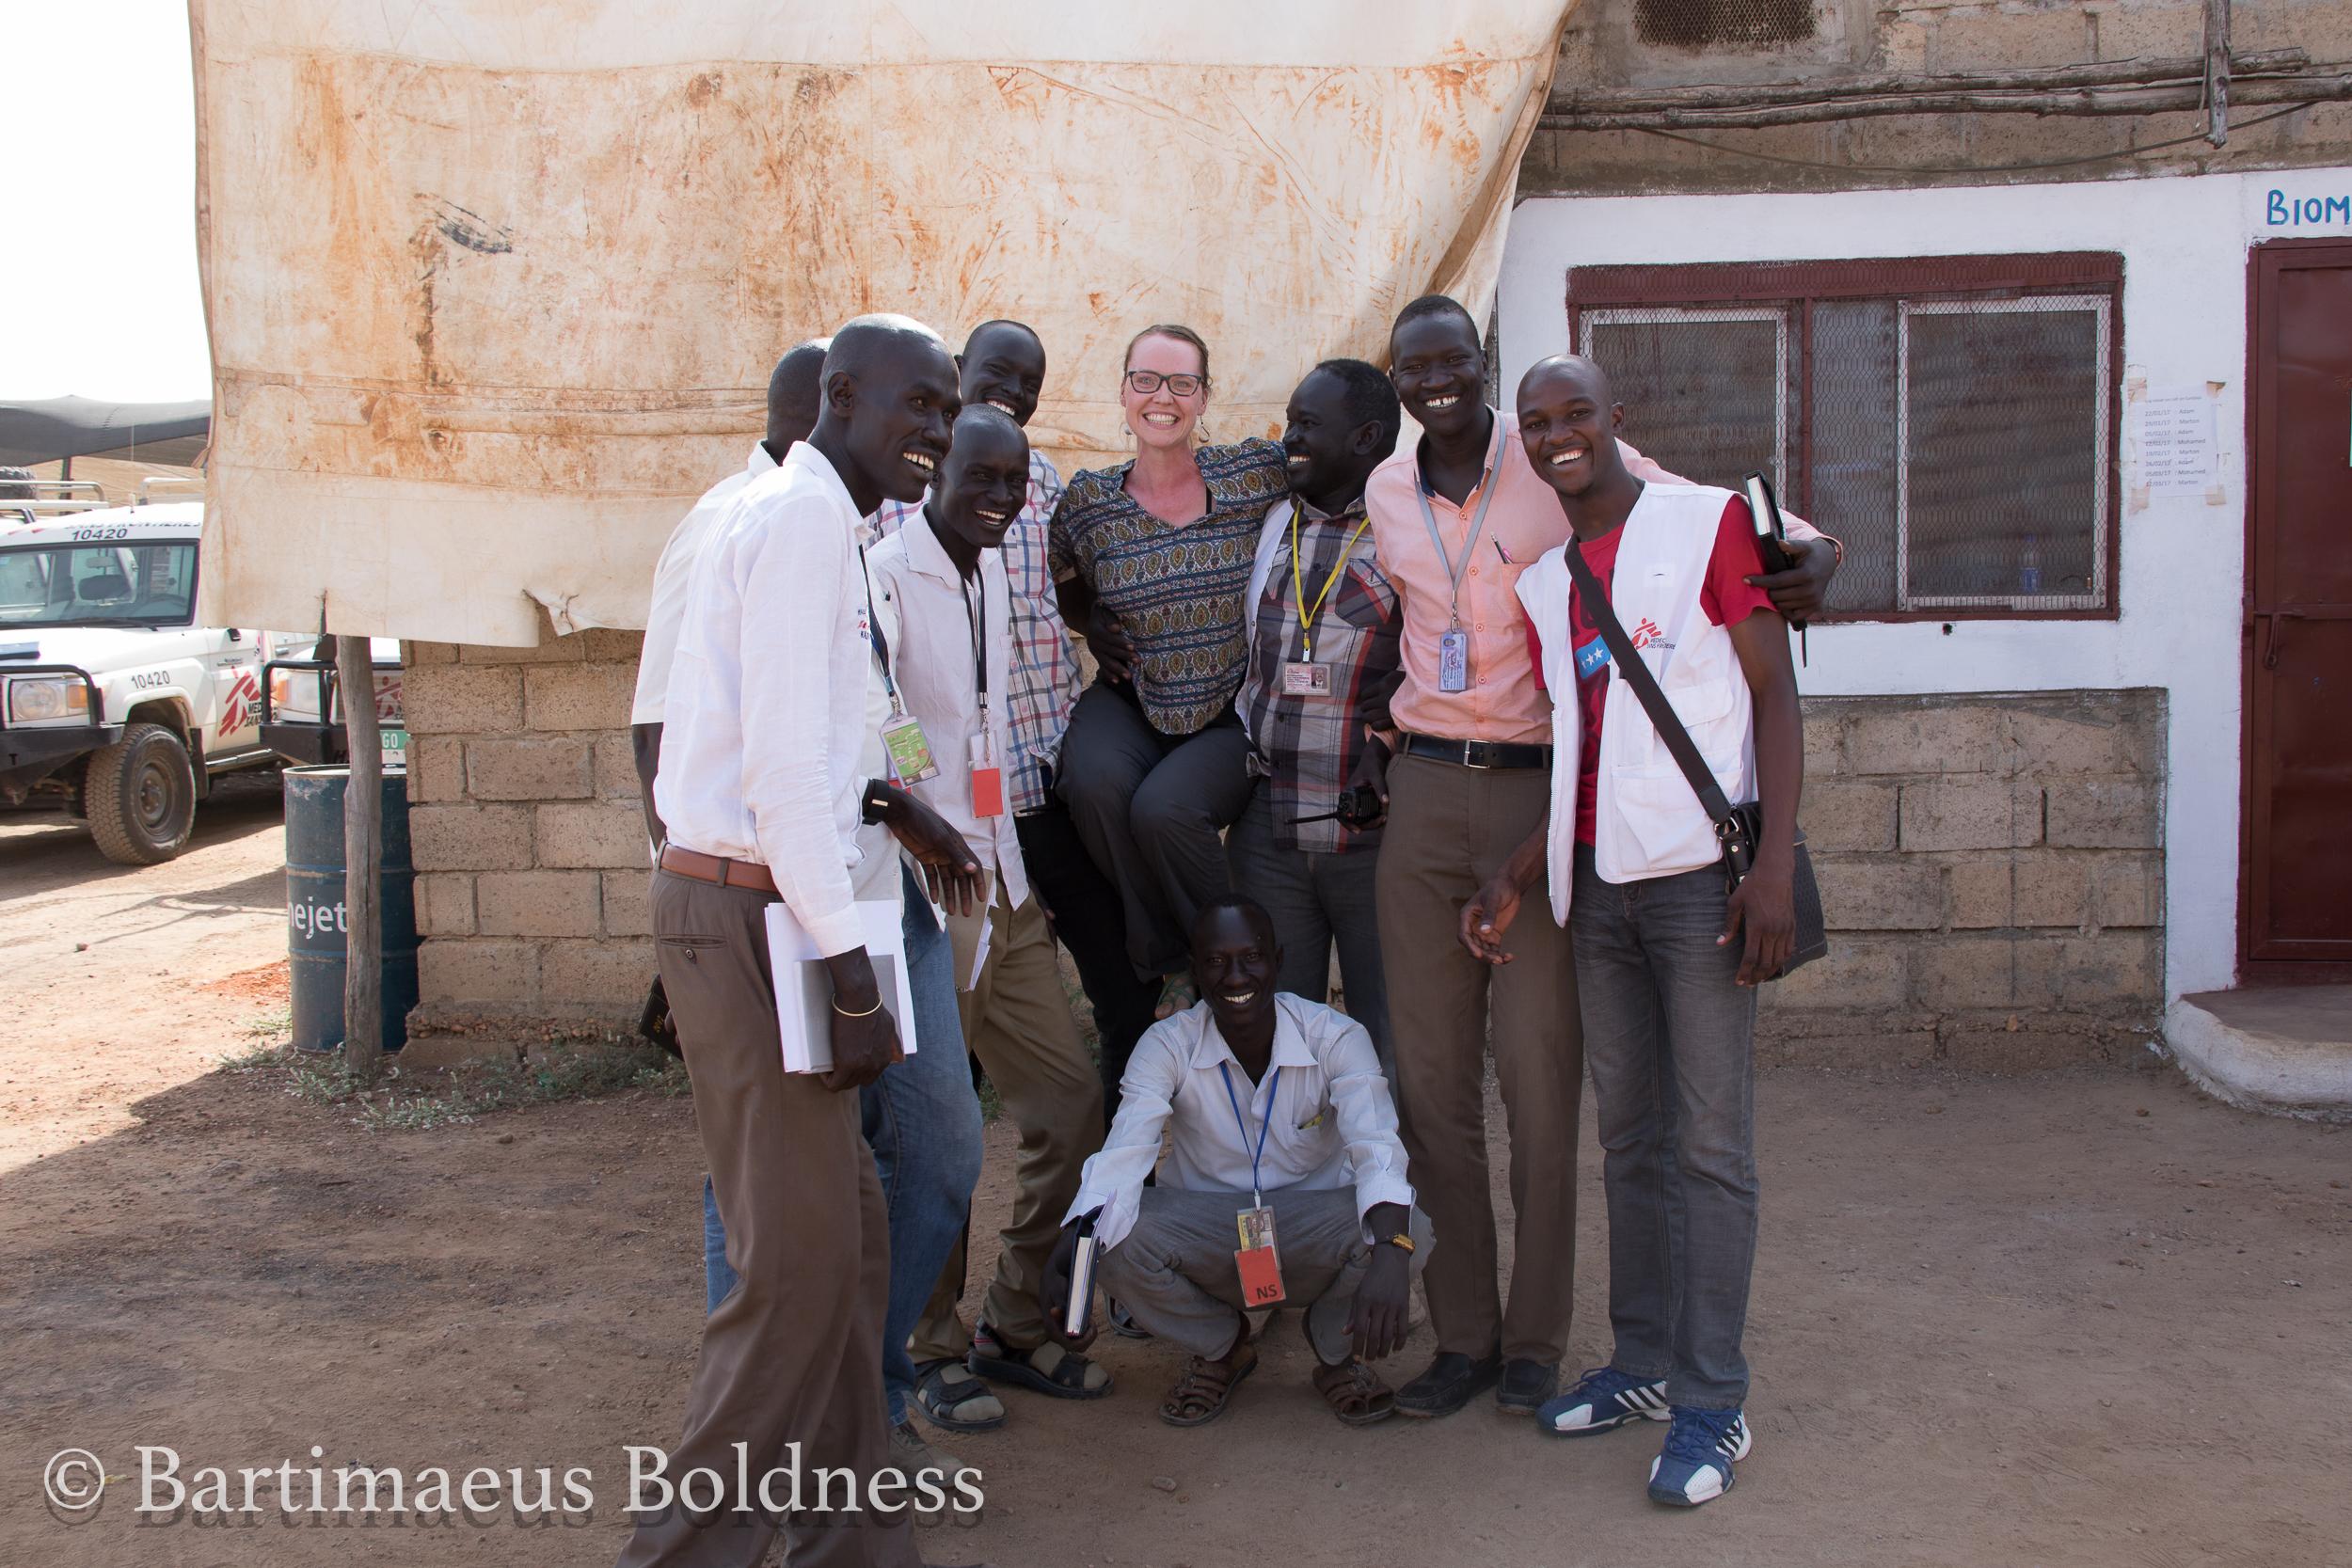 smaller resolution south sudan.jpg